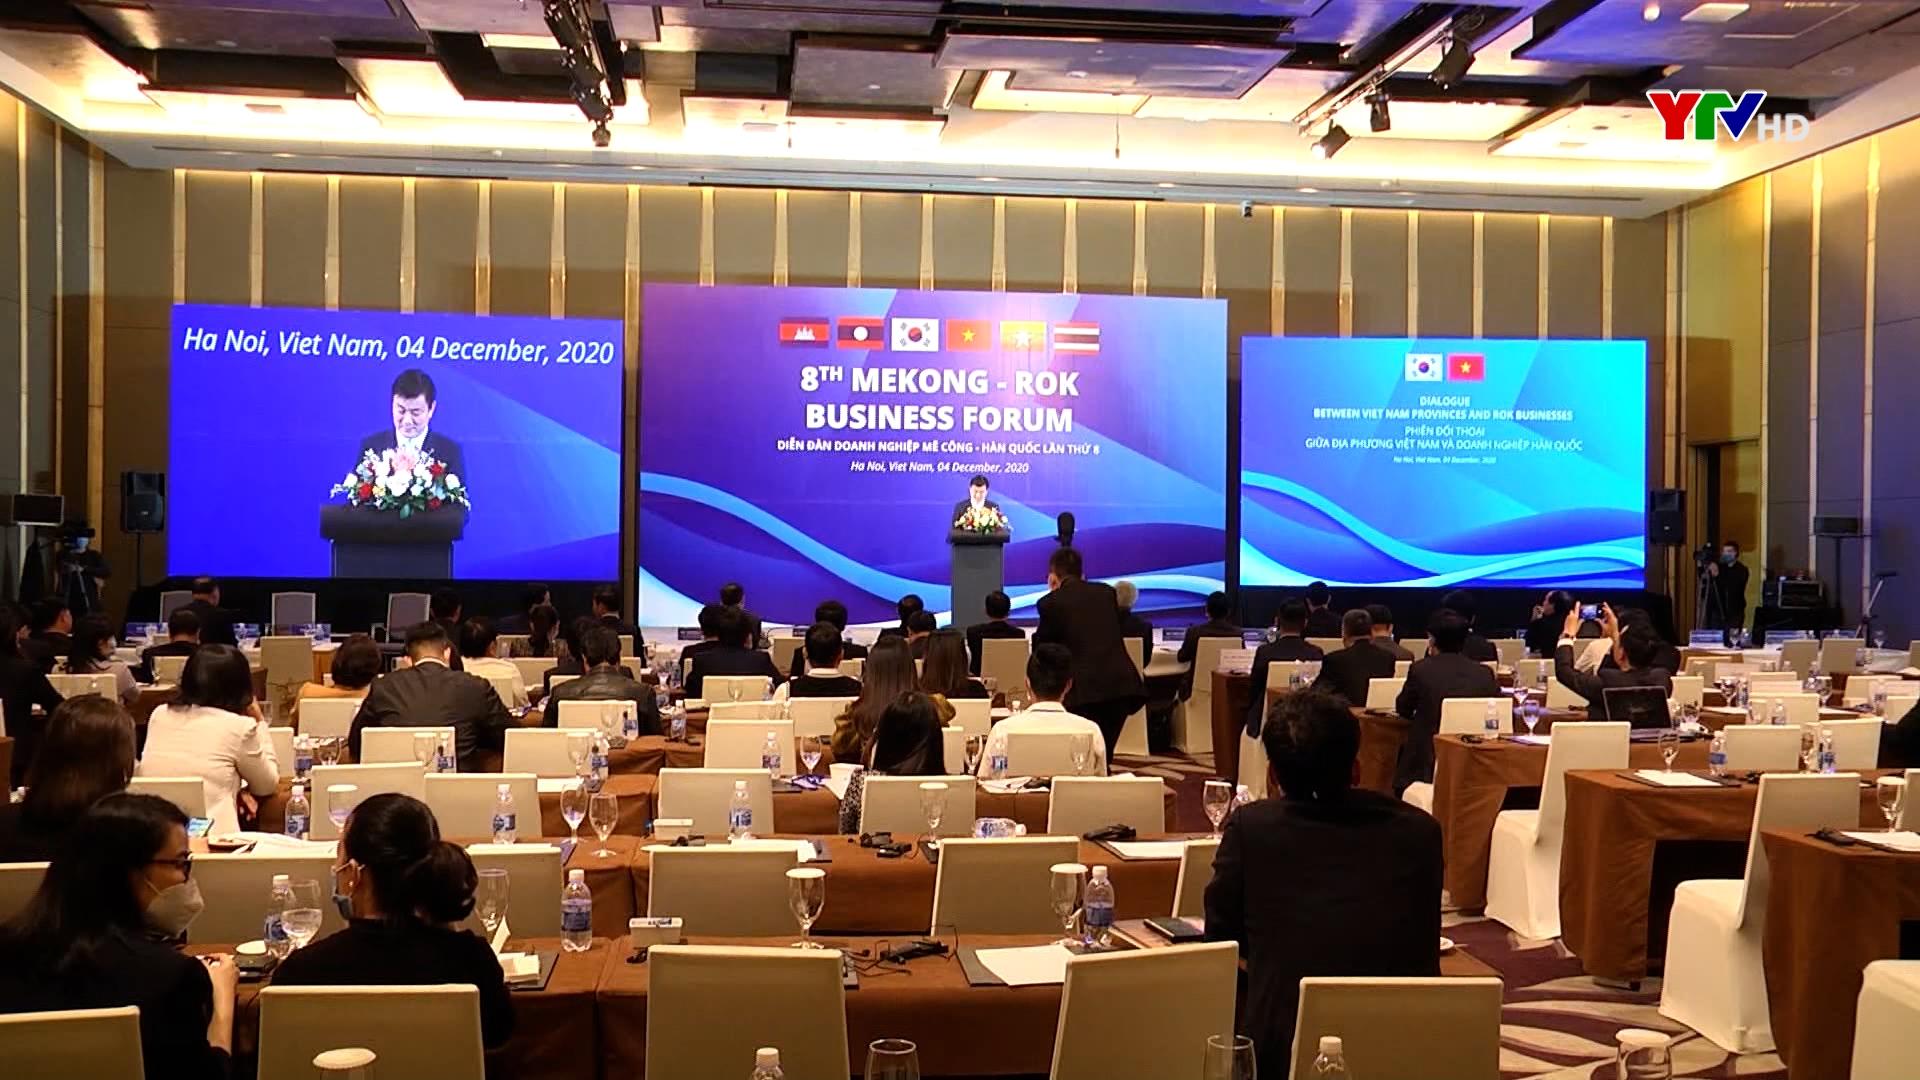 Tỉnh Yên Bái dự Hội nghị trực tuyến diễn đàn doanh nghiệp Mê Công – Hàn Quốc